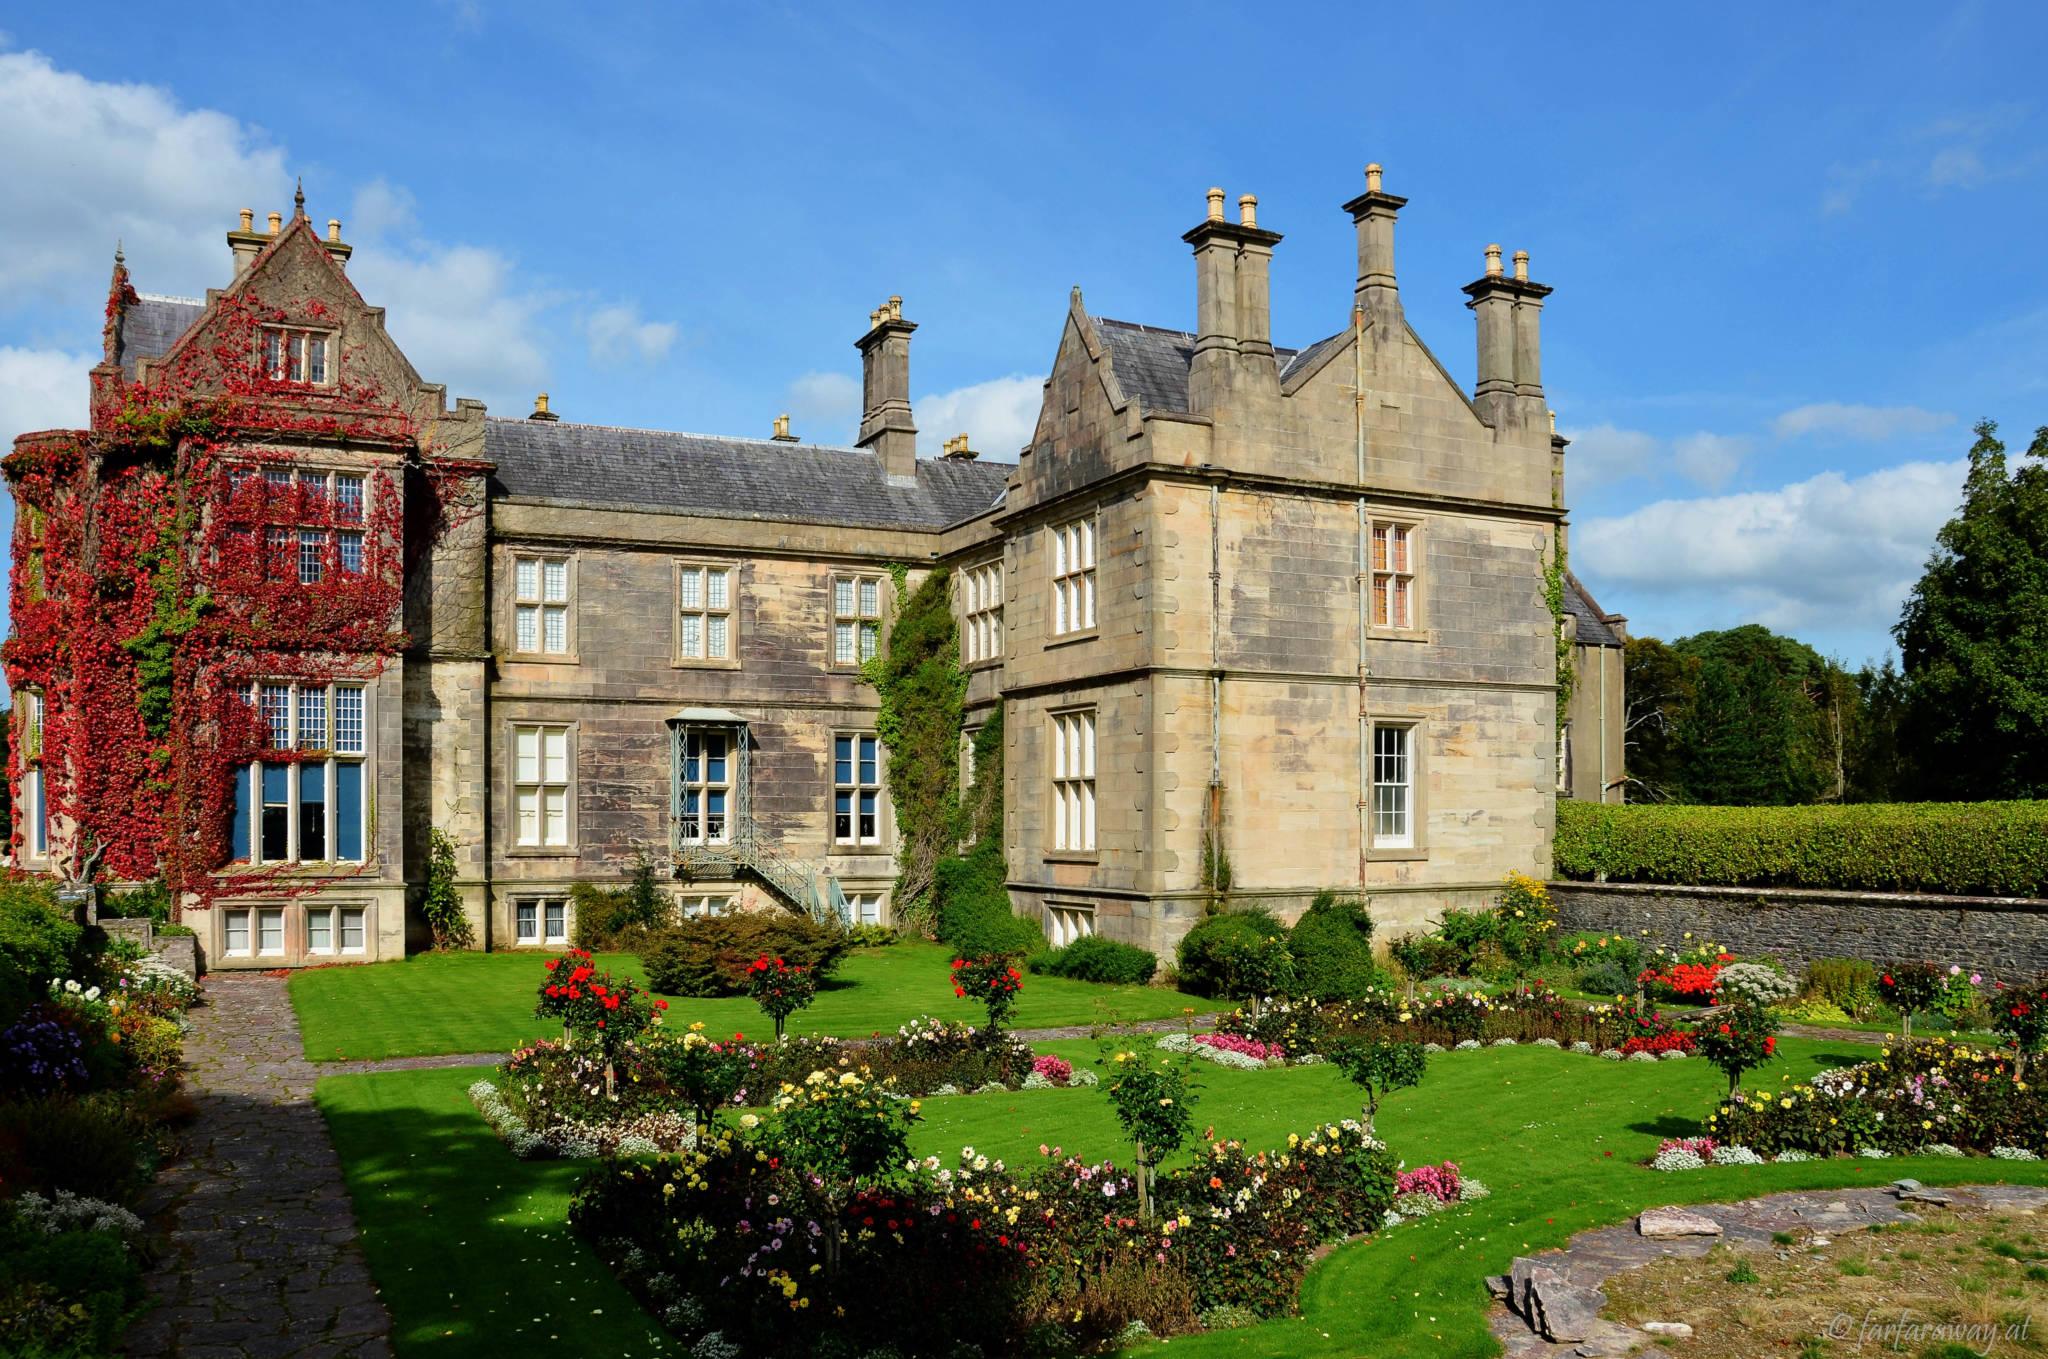 Muckross House and Garden